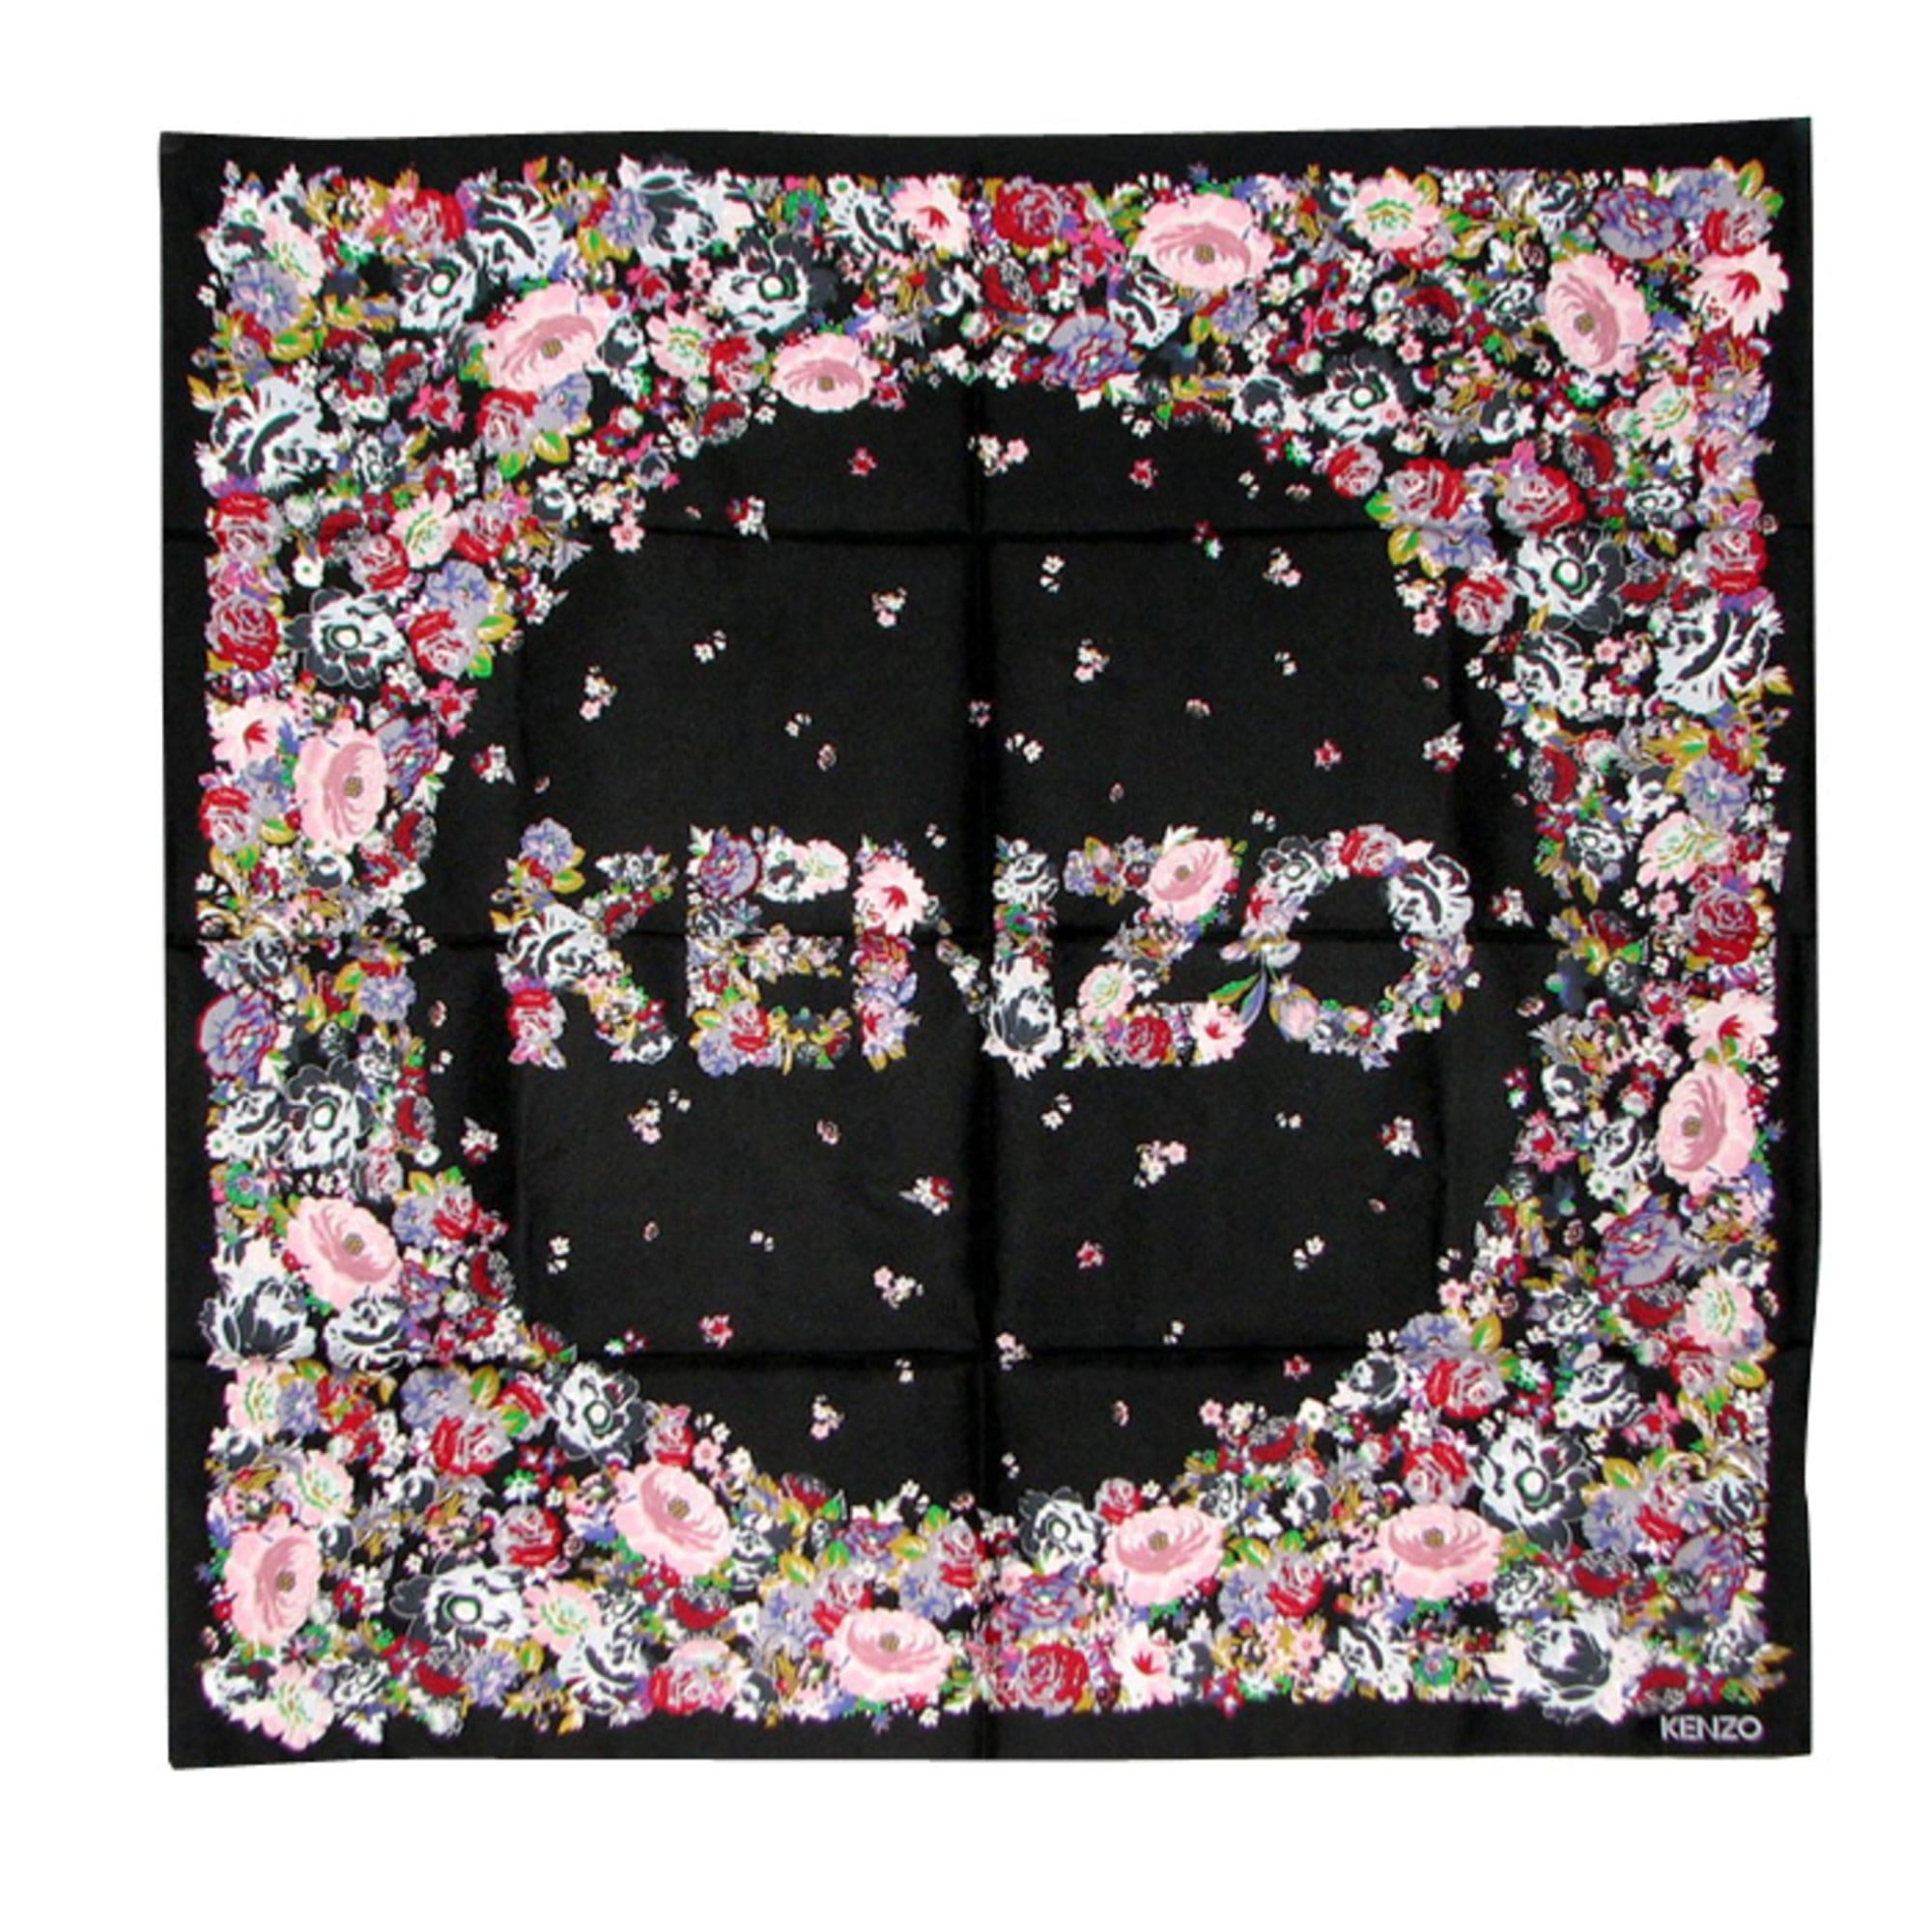 Foulard KENZO multicouleur vendu par Vide dressing ♪♫♪ - 2716510 d08172ea917